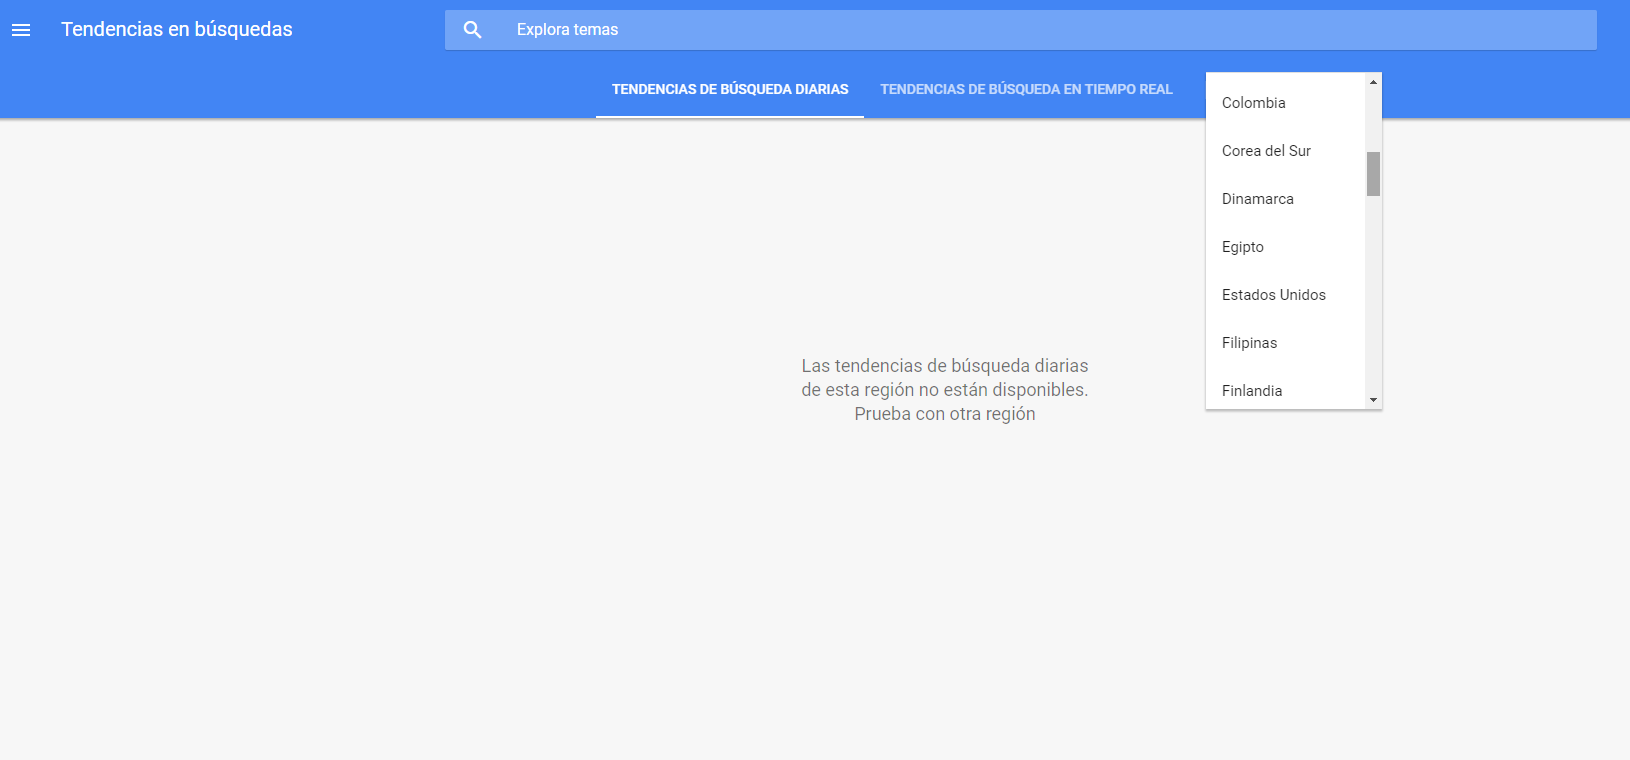 google trends españa - roiting